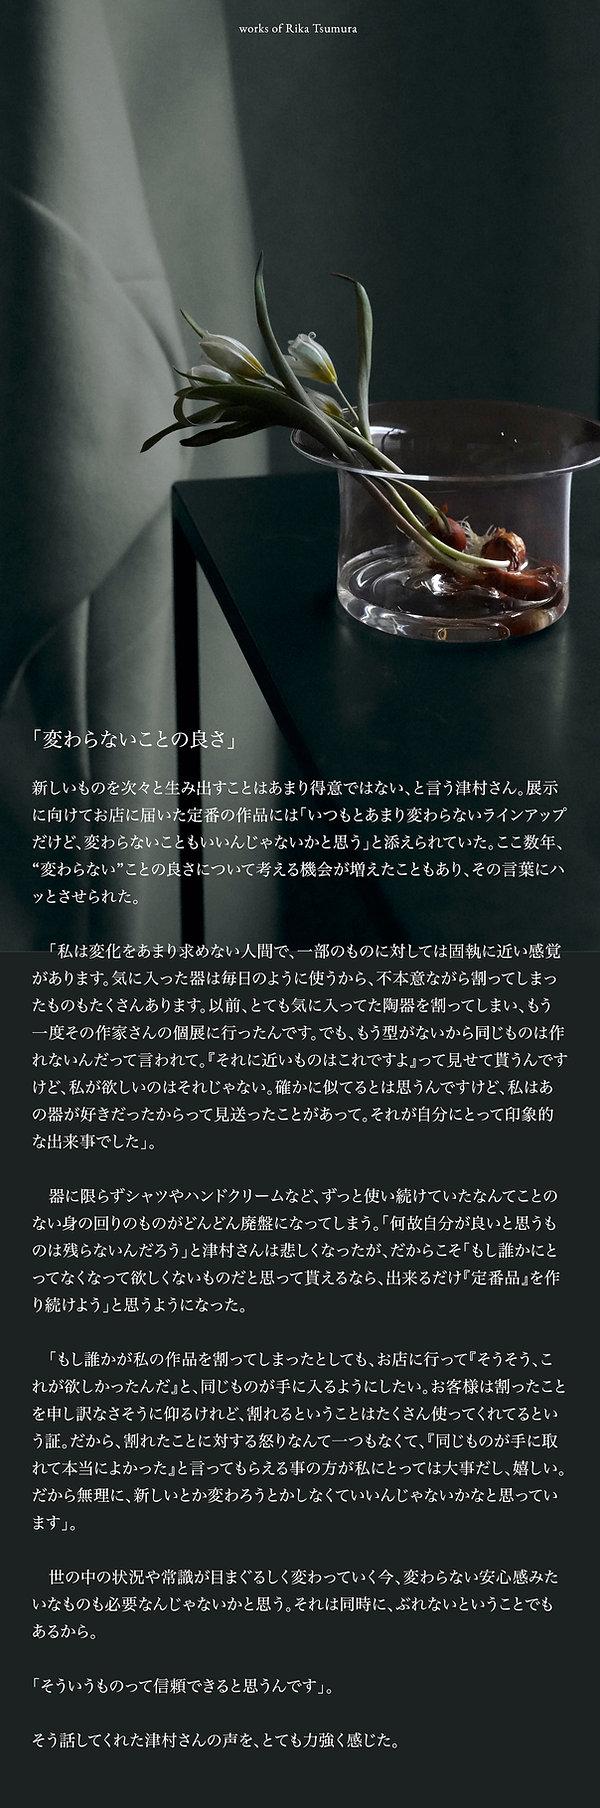 津村さんNo.3.jpg